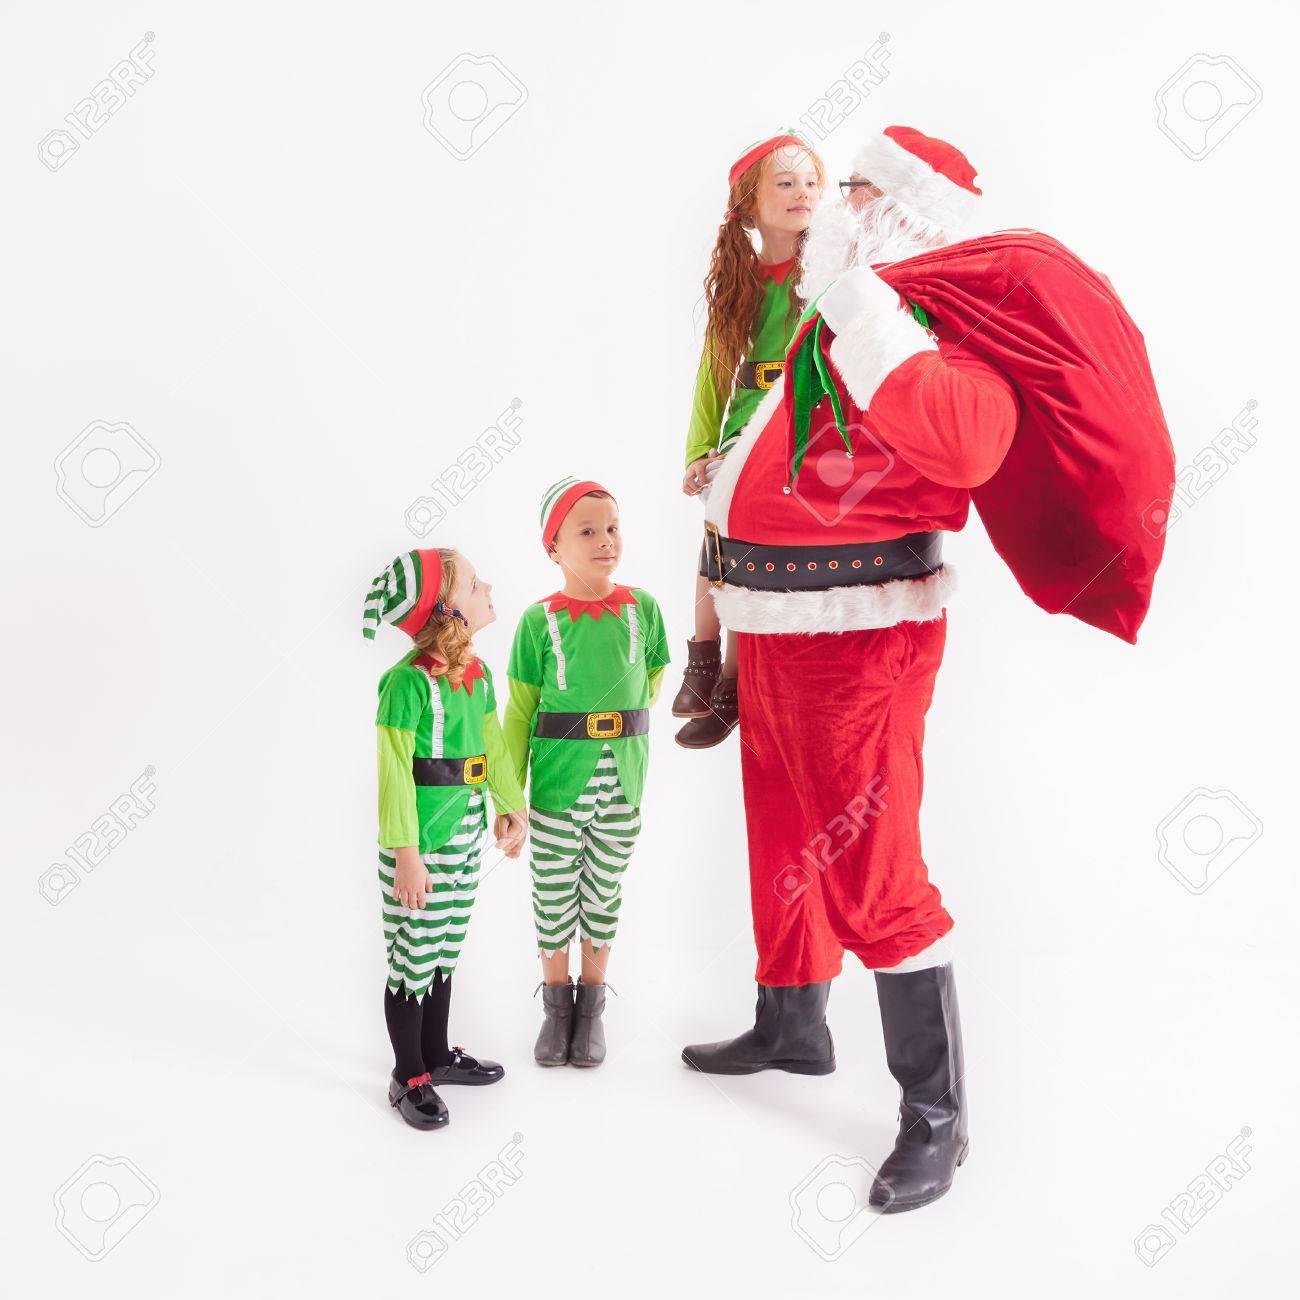 Weihnachtswunsch 2016. Santa Claus Und Kleine Kinder In Elven ...